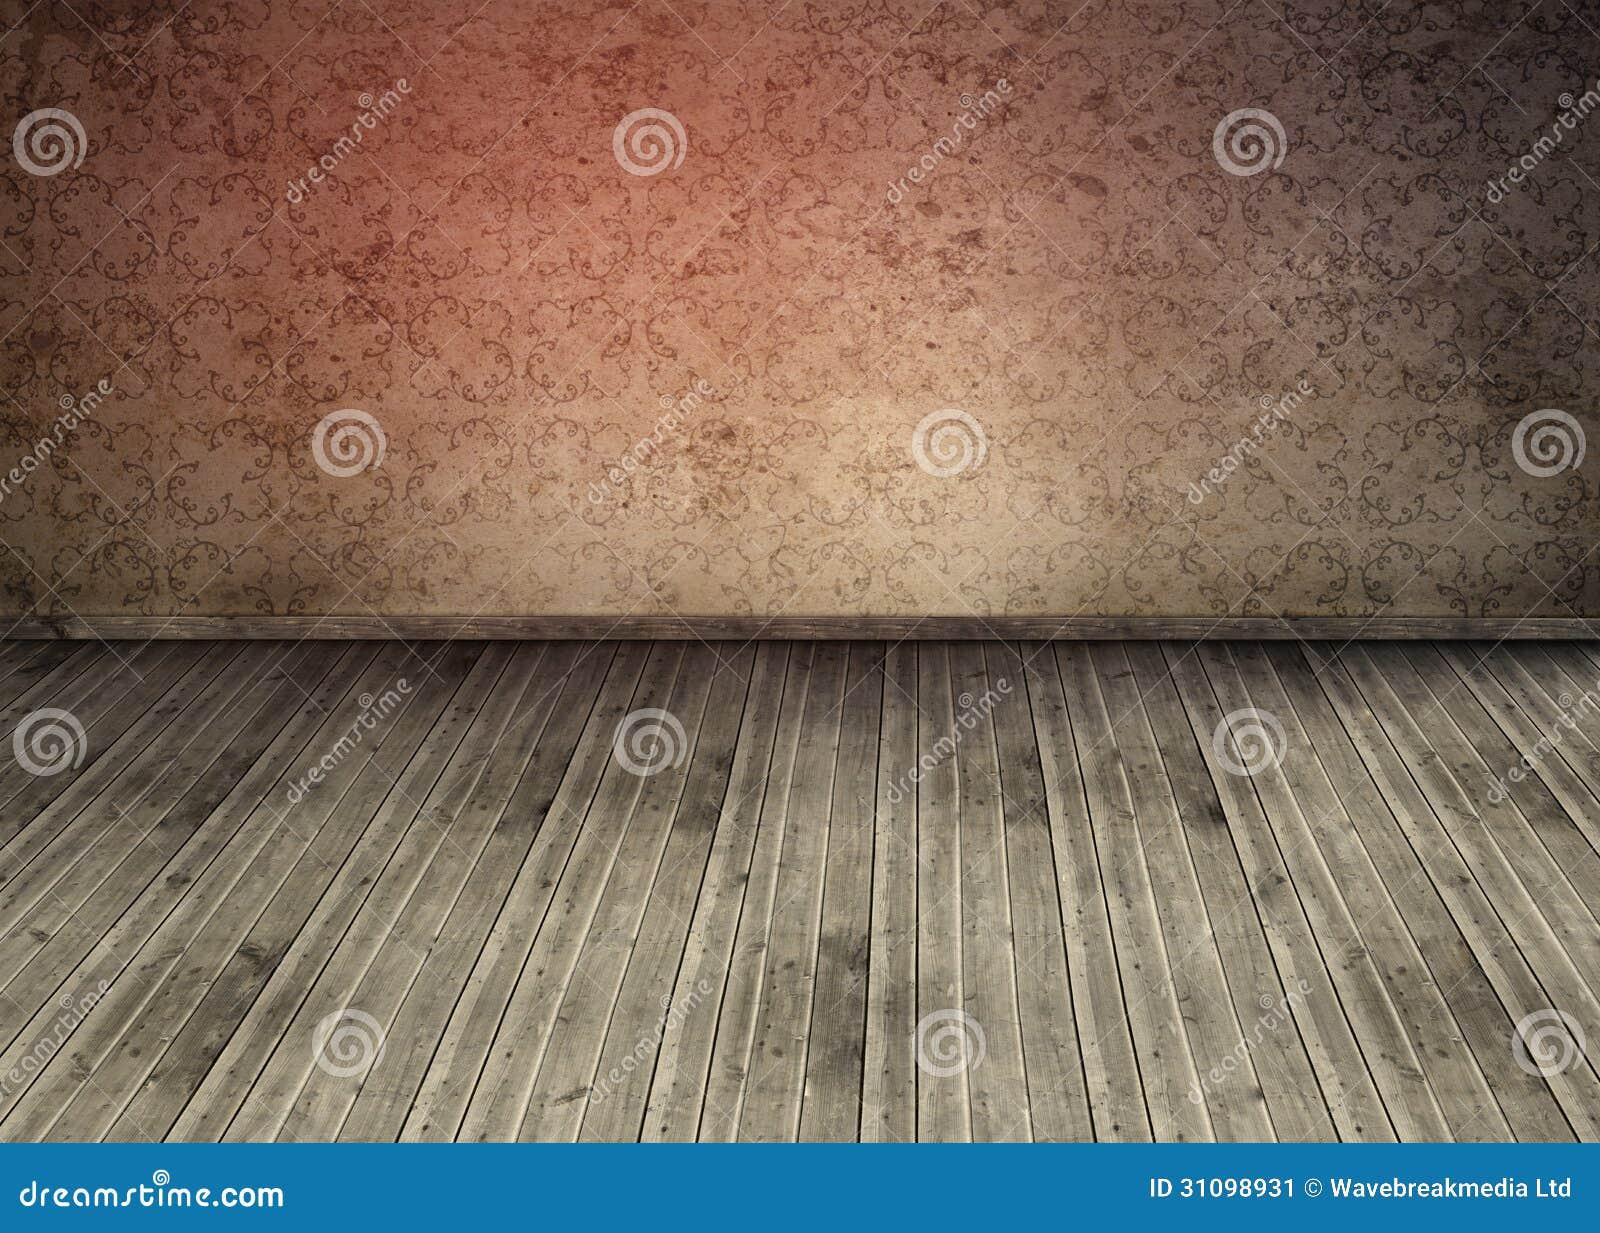 Fußboden Aus Packpapier ~ Altmodische tapete in einem leeren raum stockbild bild von